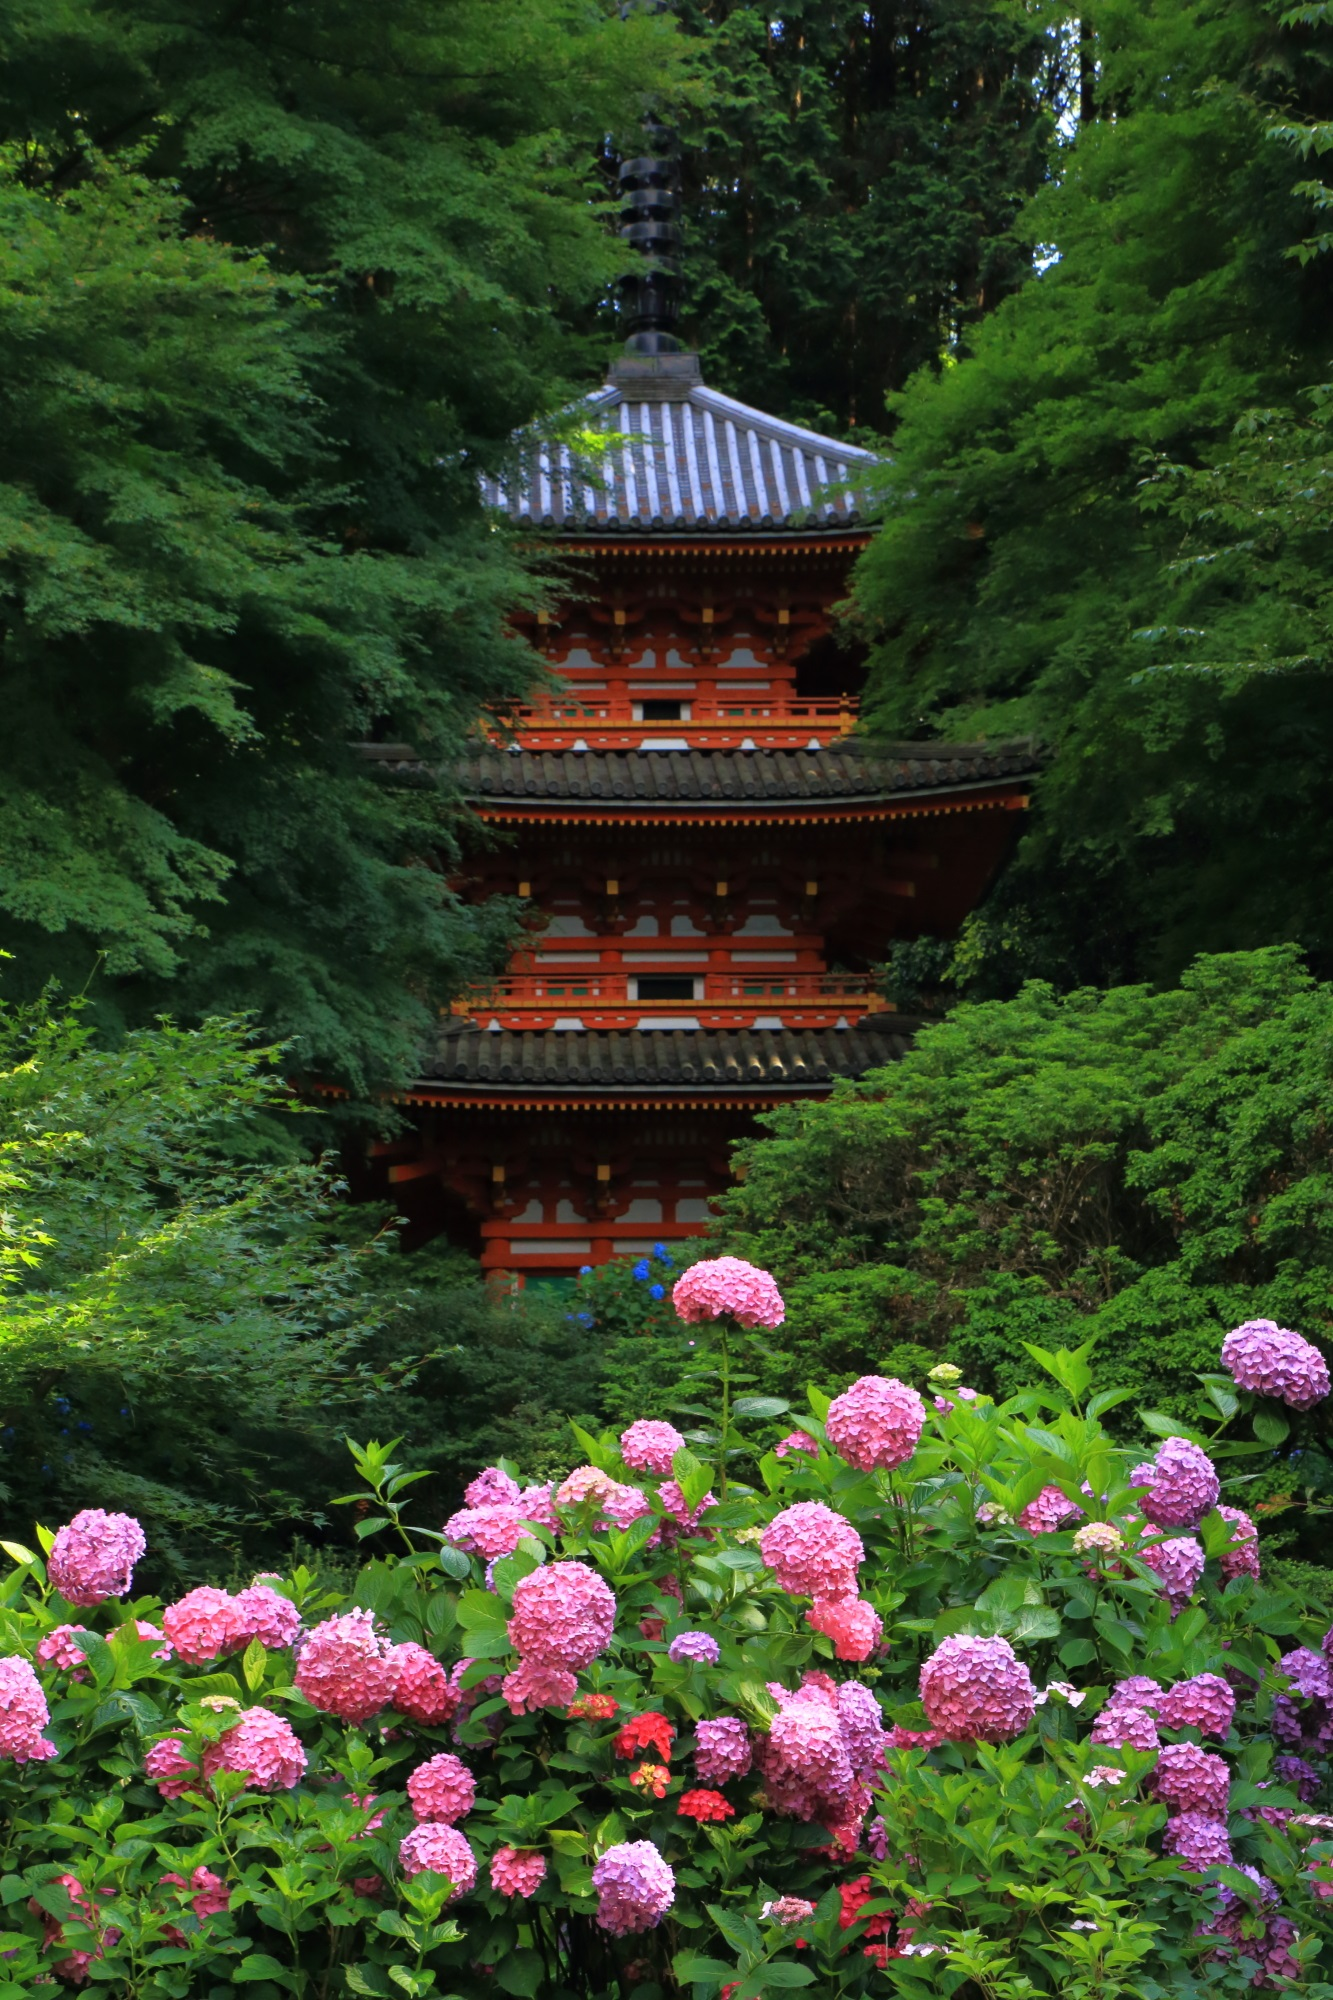 見方によって紫陽花が主にも三重塔が主にもなる岩船寺